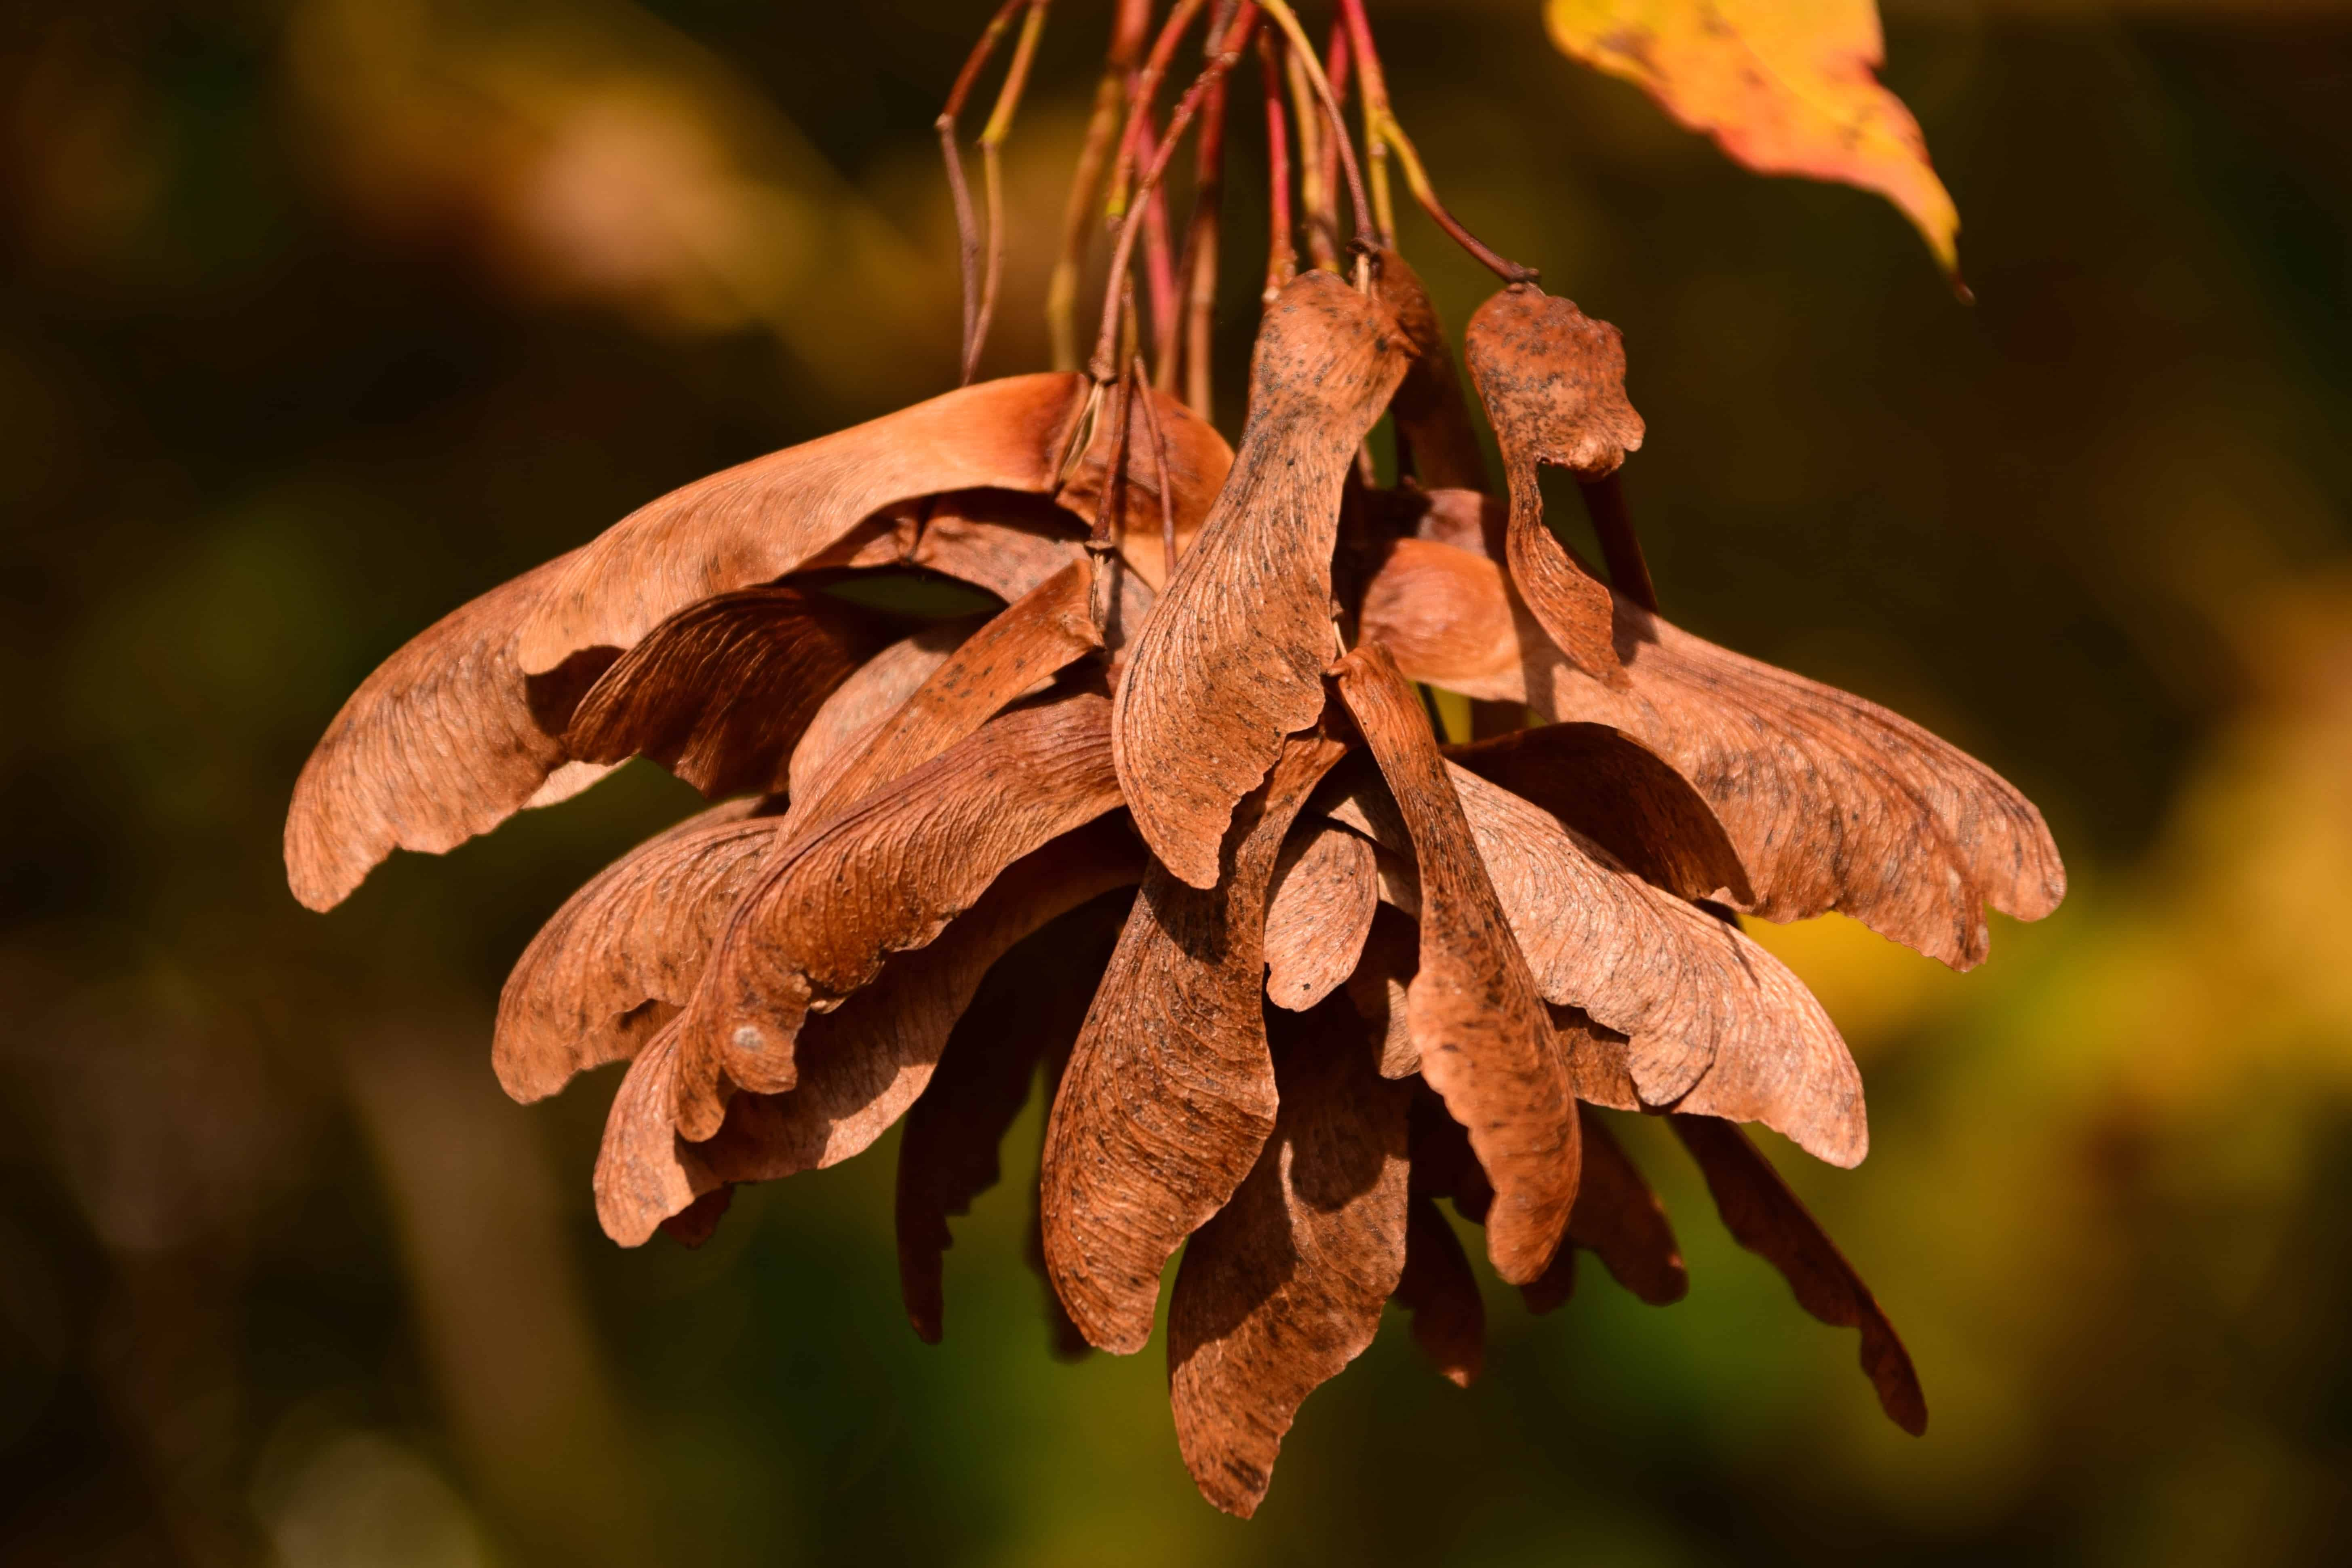 Berühmt Kostenlose Bild: Natur, Tageslicht, braun, Samen, Baum, Pflanzen @SU_84